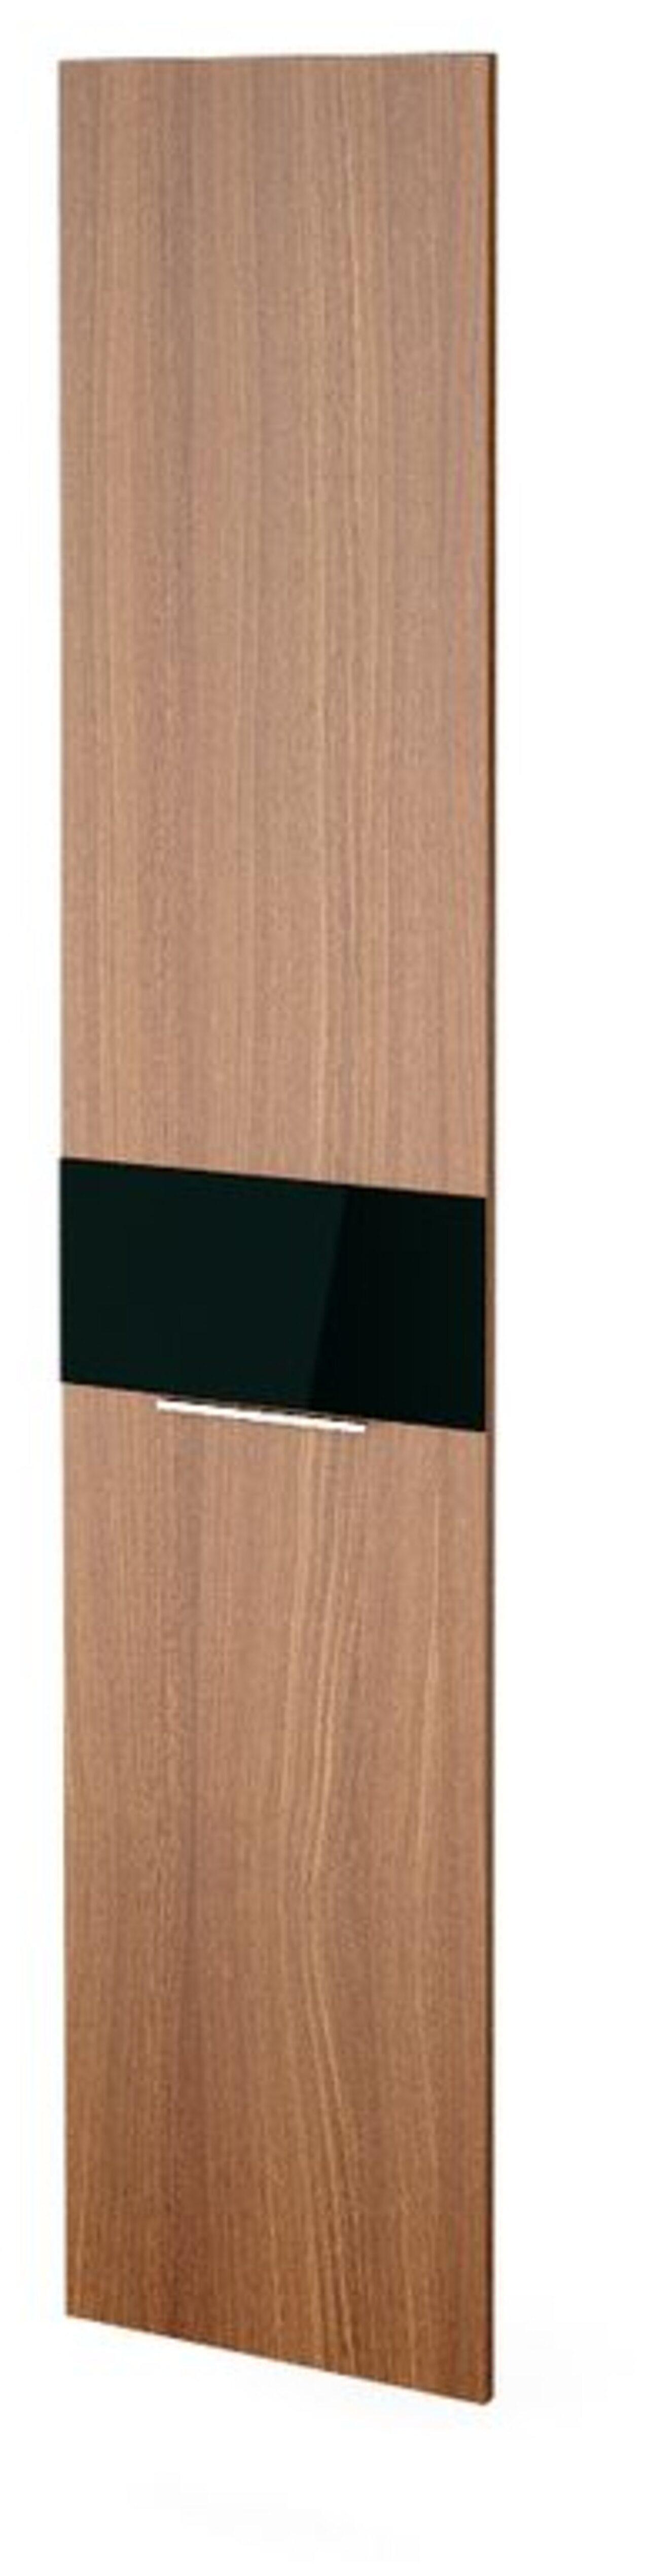 Дверь левая  Акцент 39x2x187 - фото 6